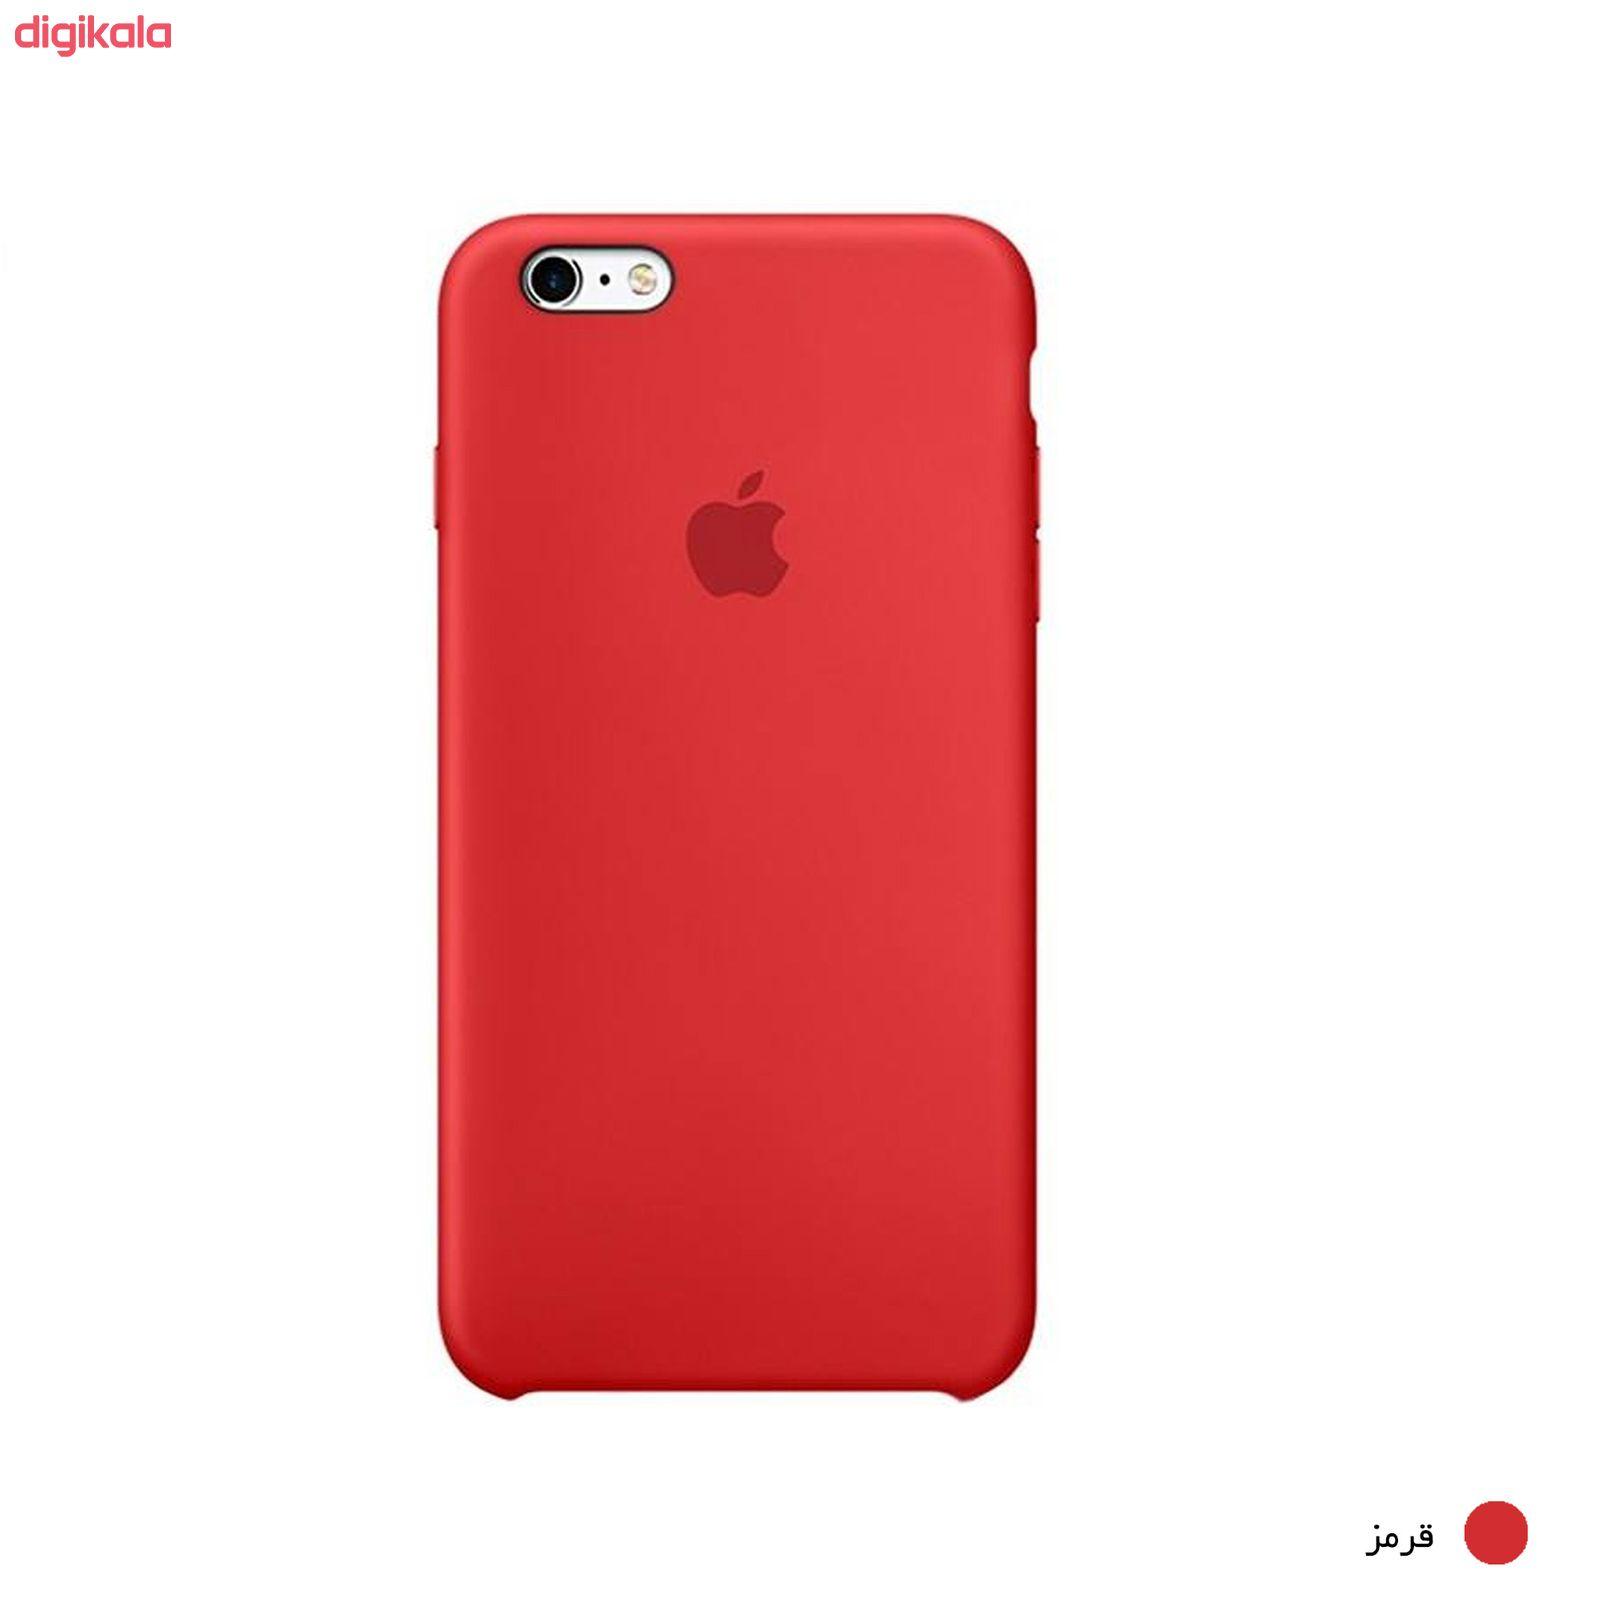 کاور سیلیکونی مناسب برای گوشی موبایل آیفون 6 پلاس/6s پلاس main 1 26